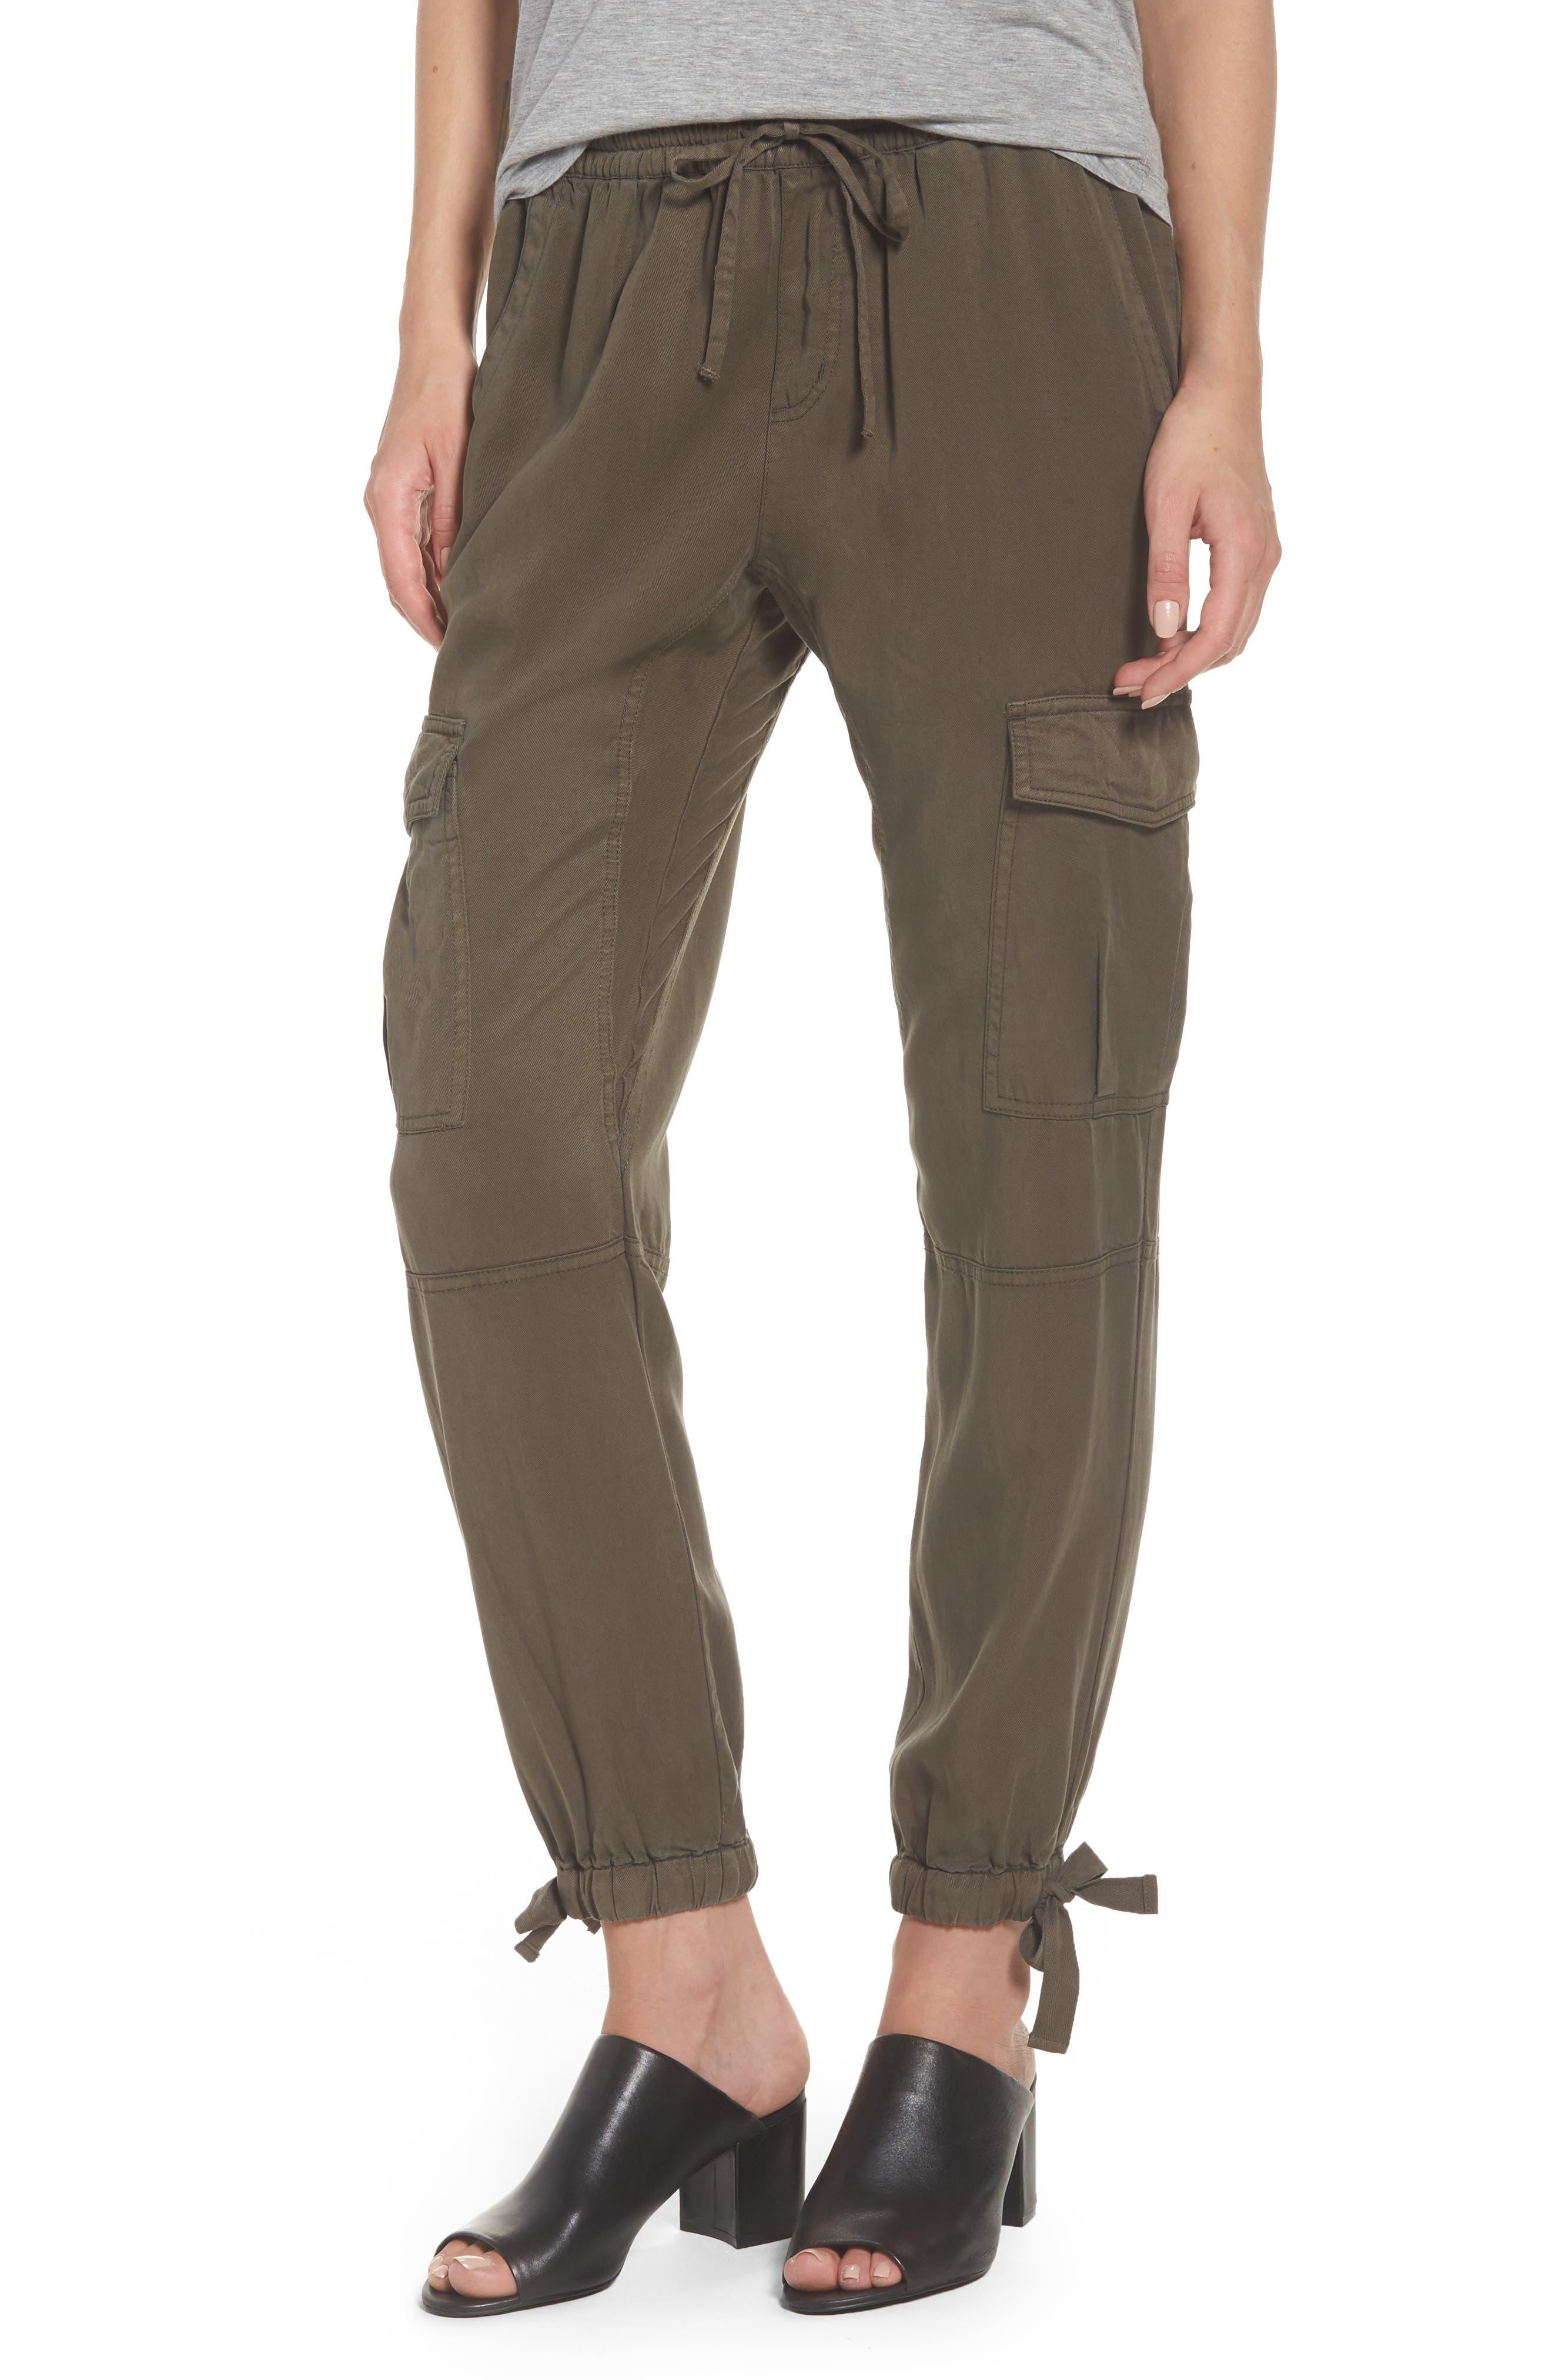 Ankle Tie Tencel Pants,                         Main,                         color, Loden